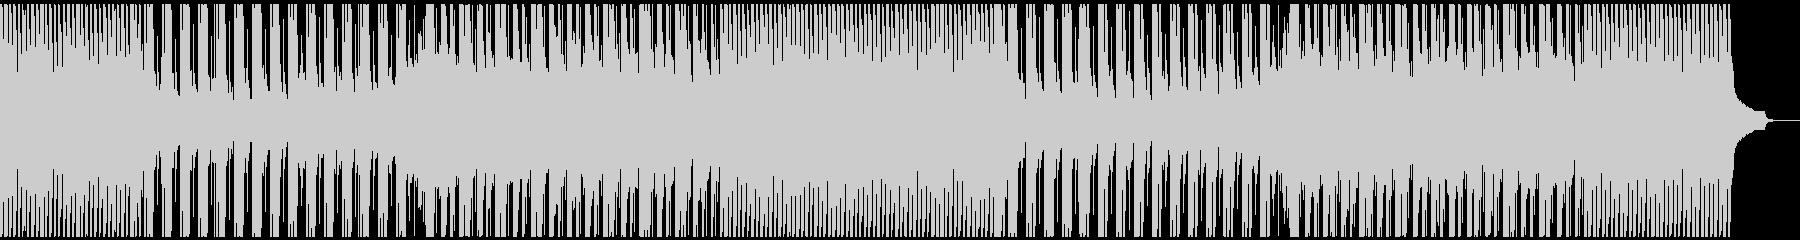 アップテンポでモチベーションが上がる曲の未再生の波形